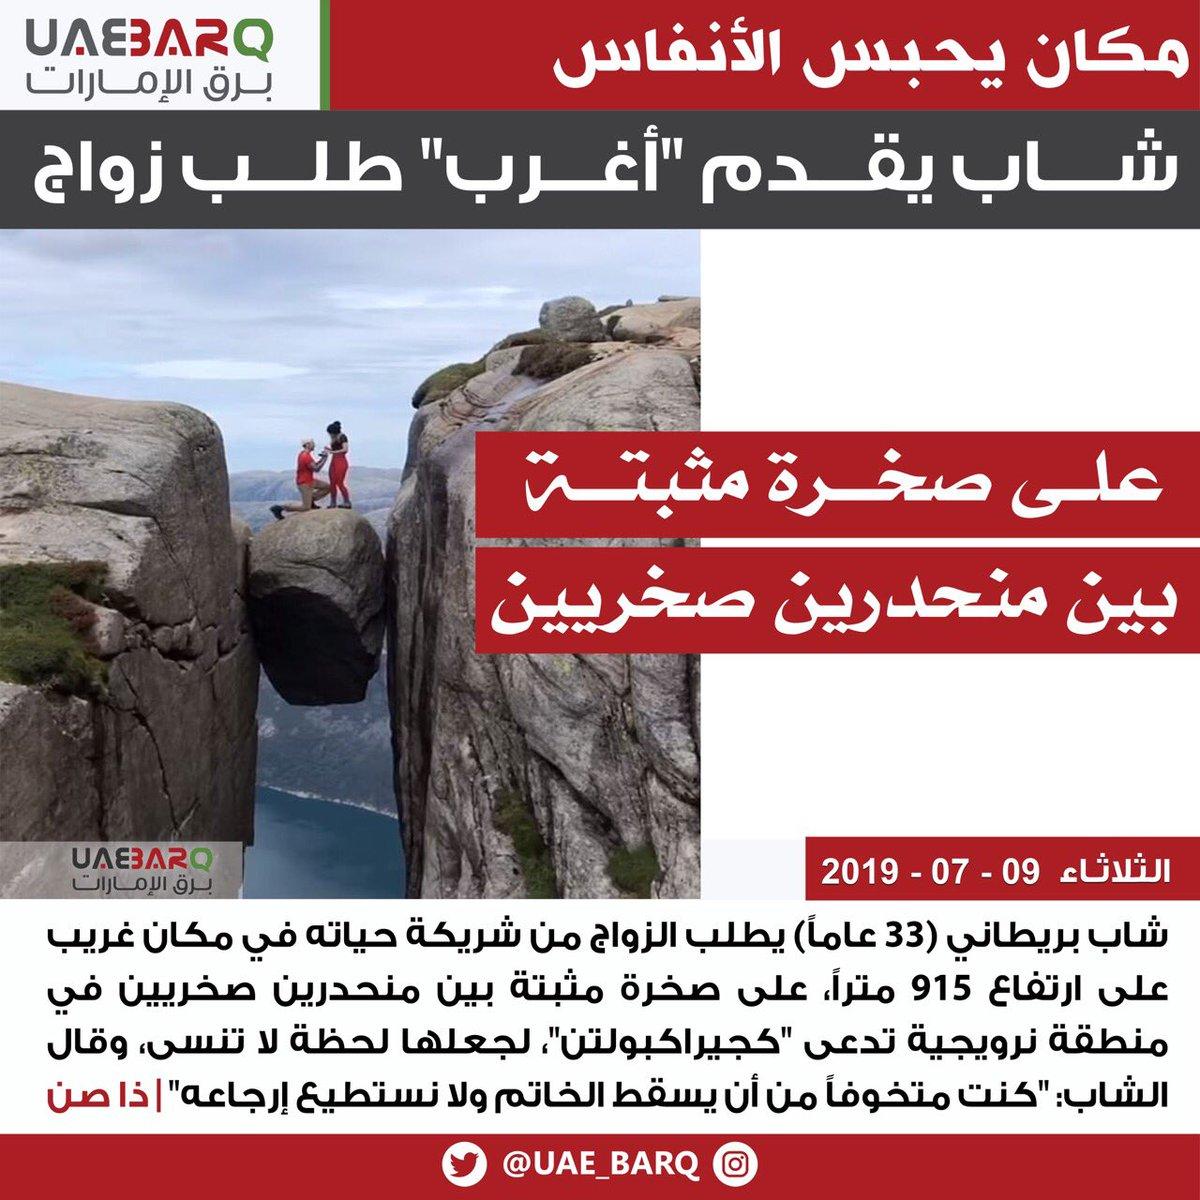 a149a32ed برق الإمارات (@UAE_BARQ) | Twitter